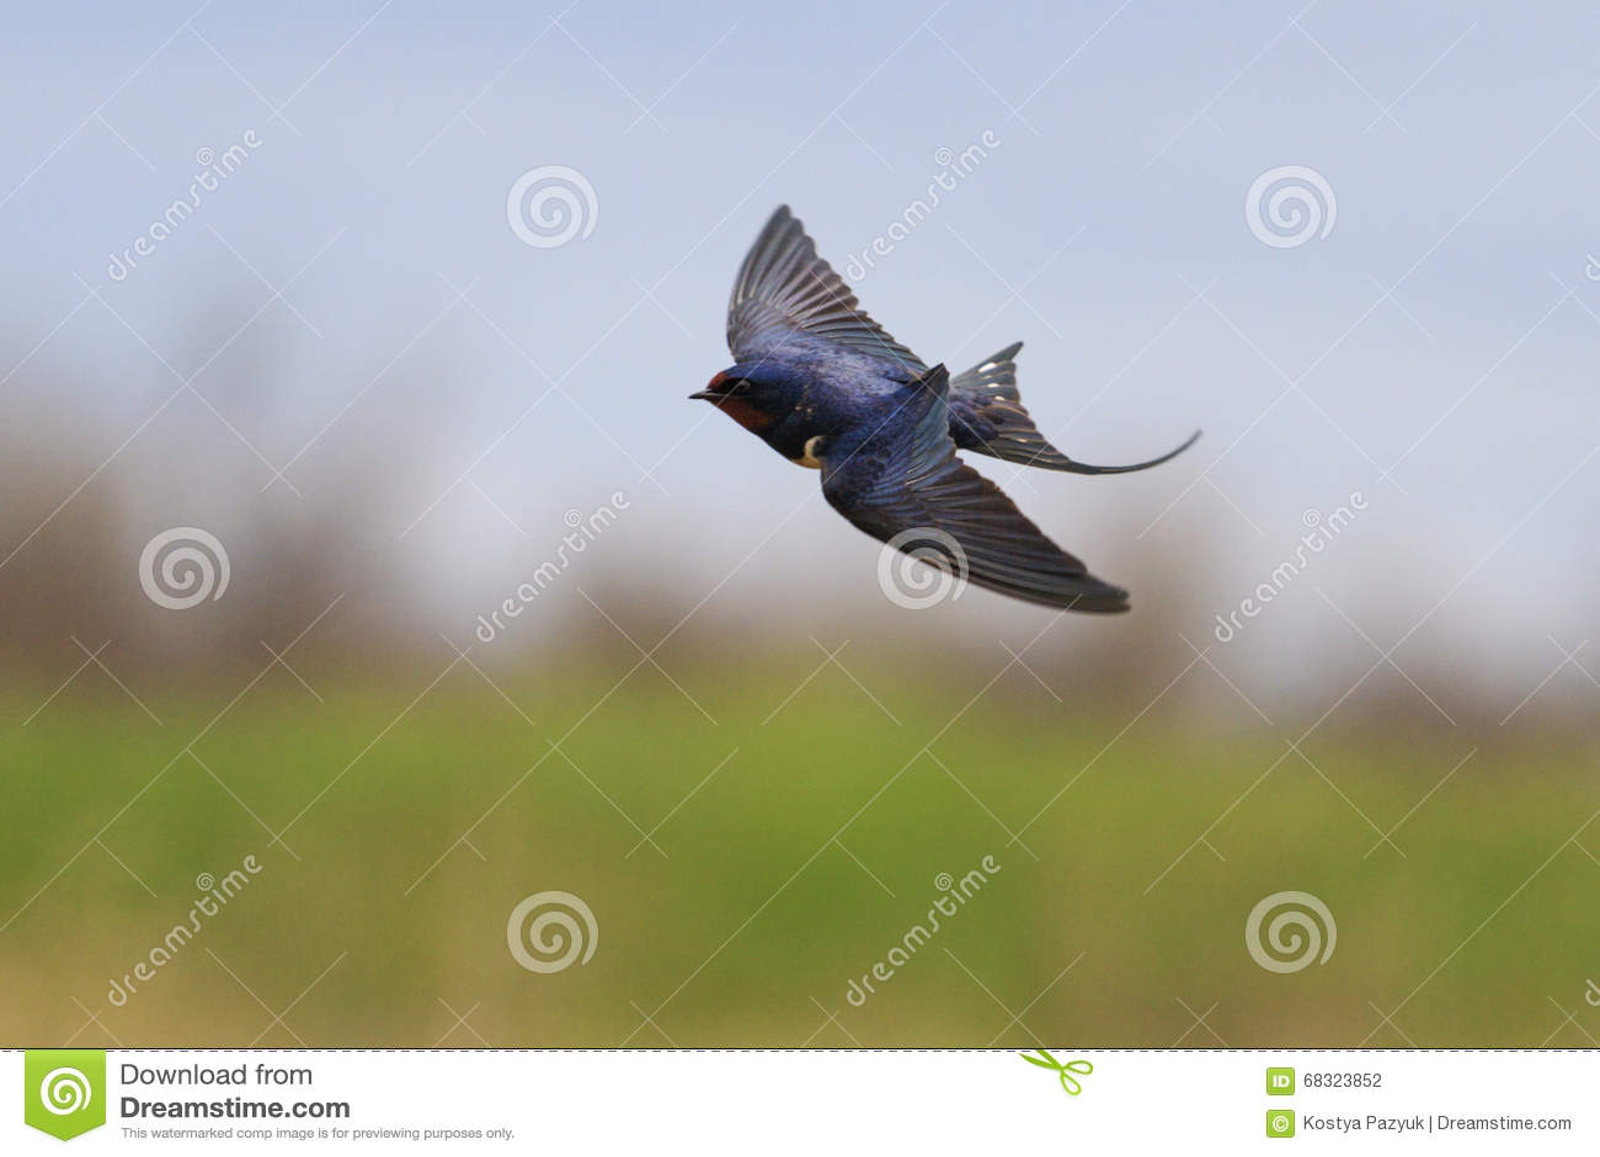 Schwalbe Fliegt über Ein Feld, Einzigartiger Rahmen Stockfoto - Bild ...